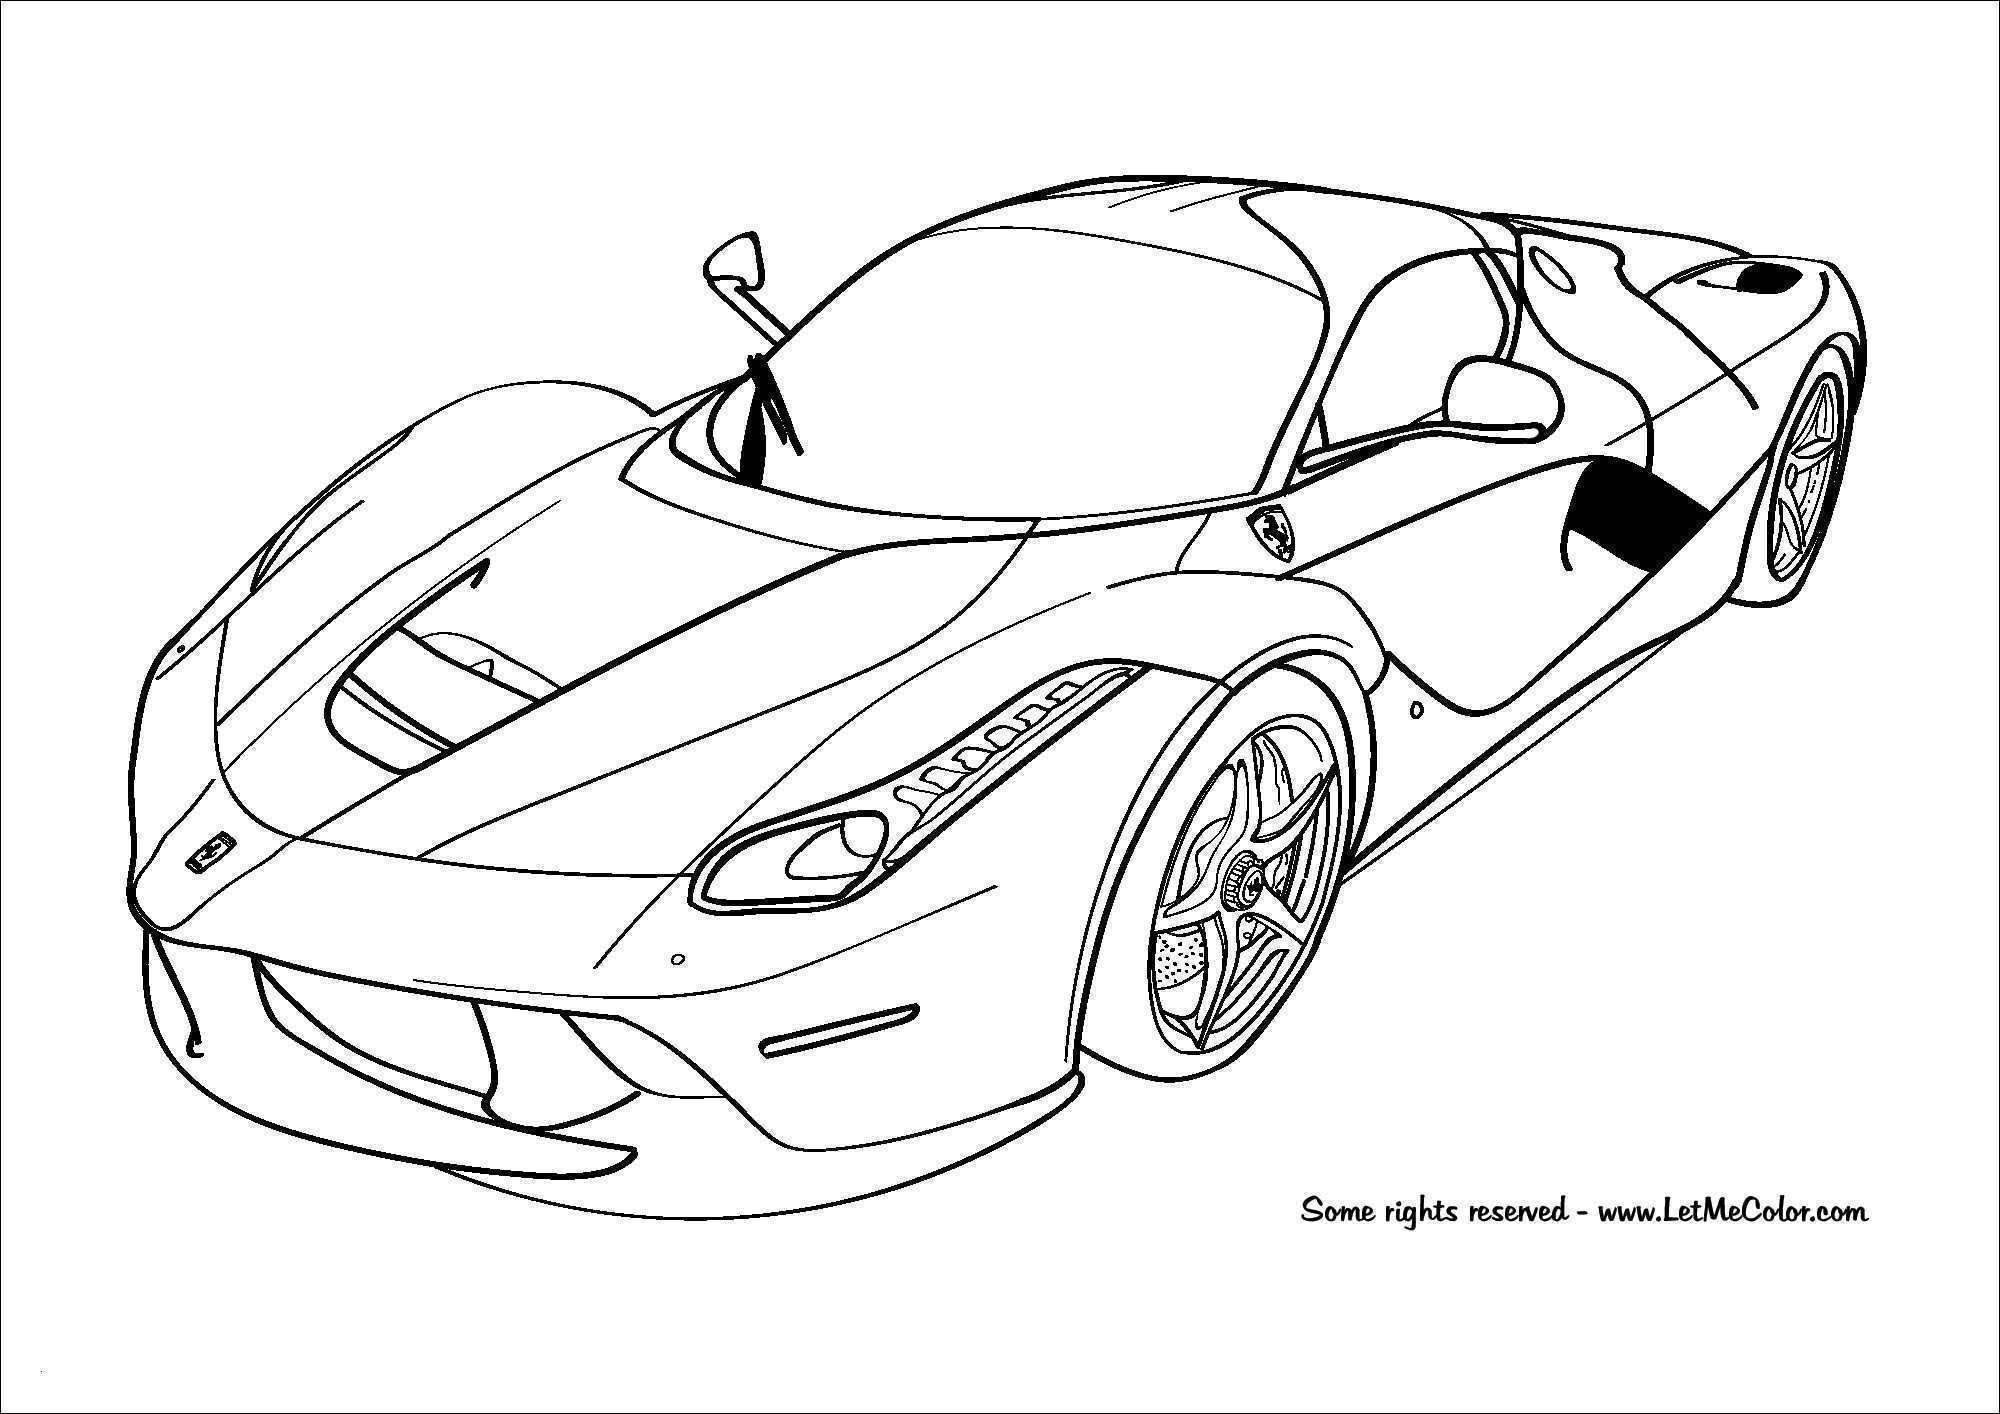 Auto Ausmalbilder Zum Ausdrucken Genial Cars Ausmalbilder Image Auto Ausmalbilder Porsche Uploadertalk Das Bild